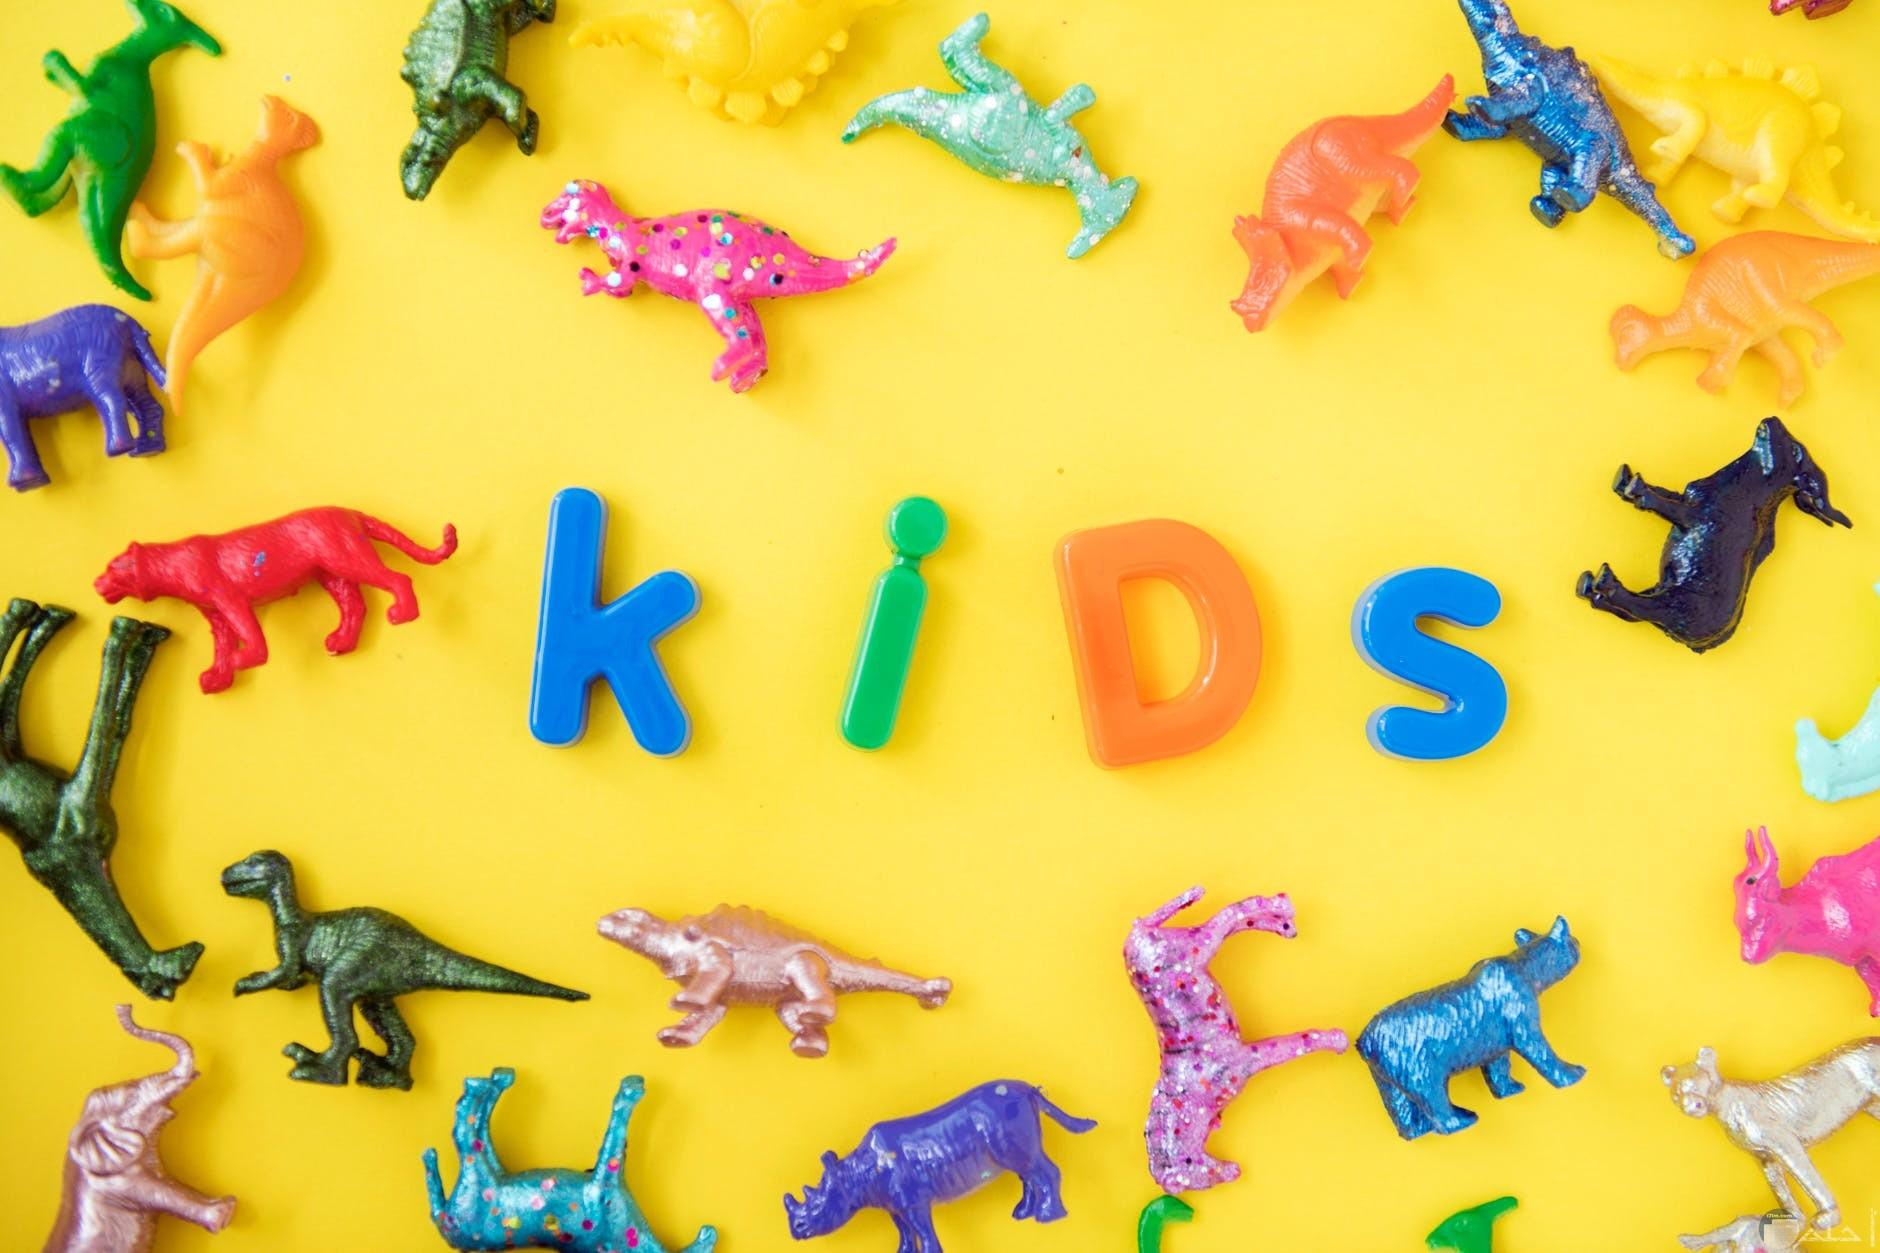 اهم كلمة بالانجليزية محببة ومستخدمة كثيرا هي الاطفال